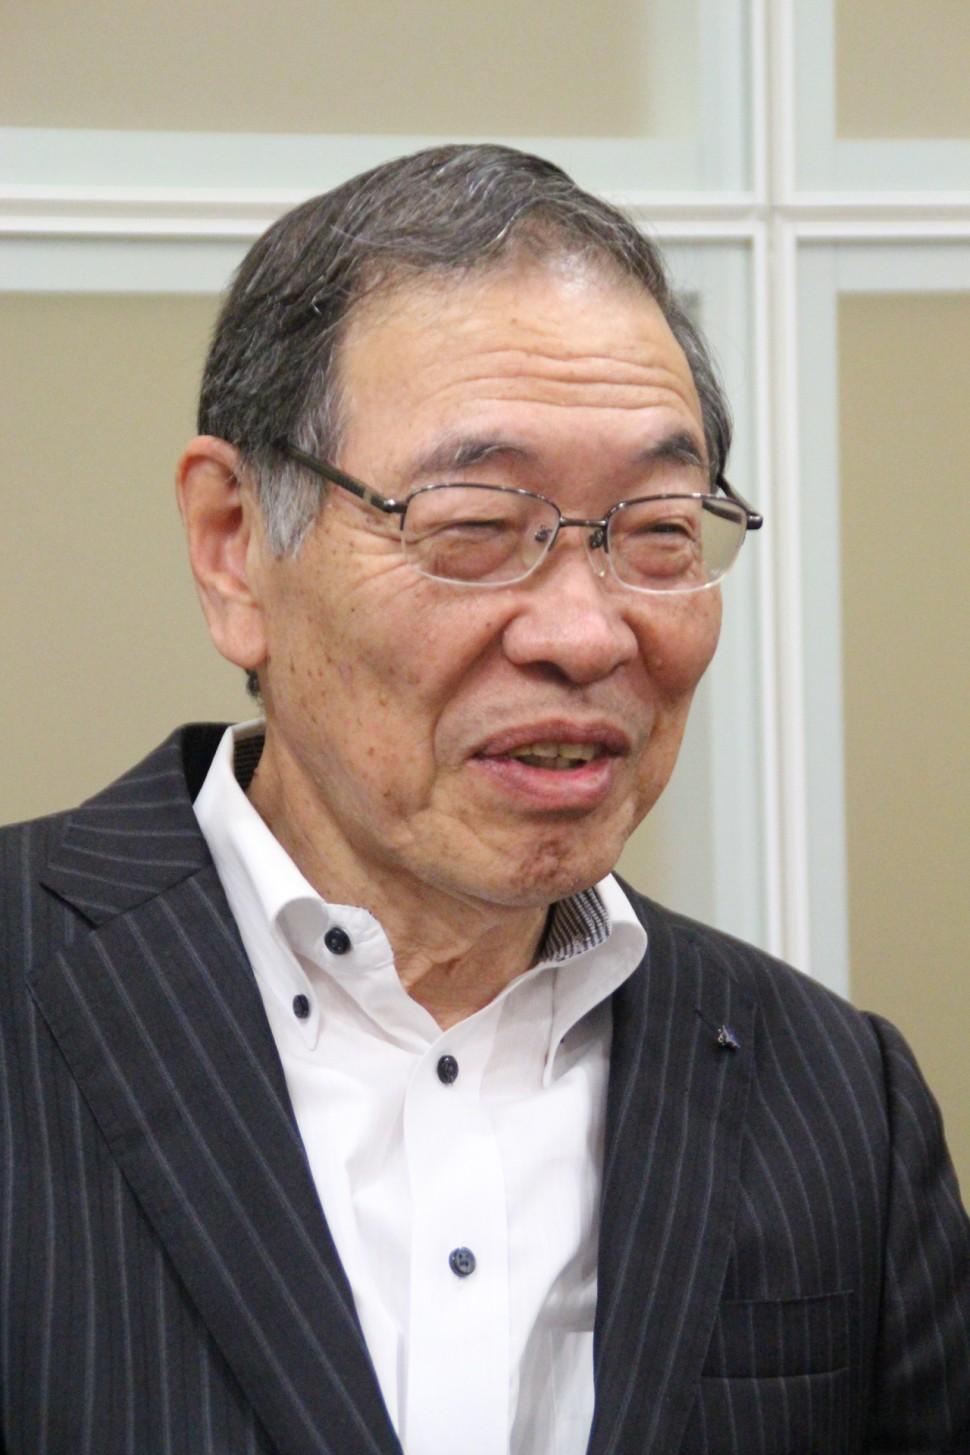 健康介護事業に期待と述べる西村代表取締役会長